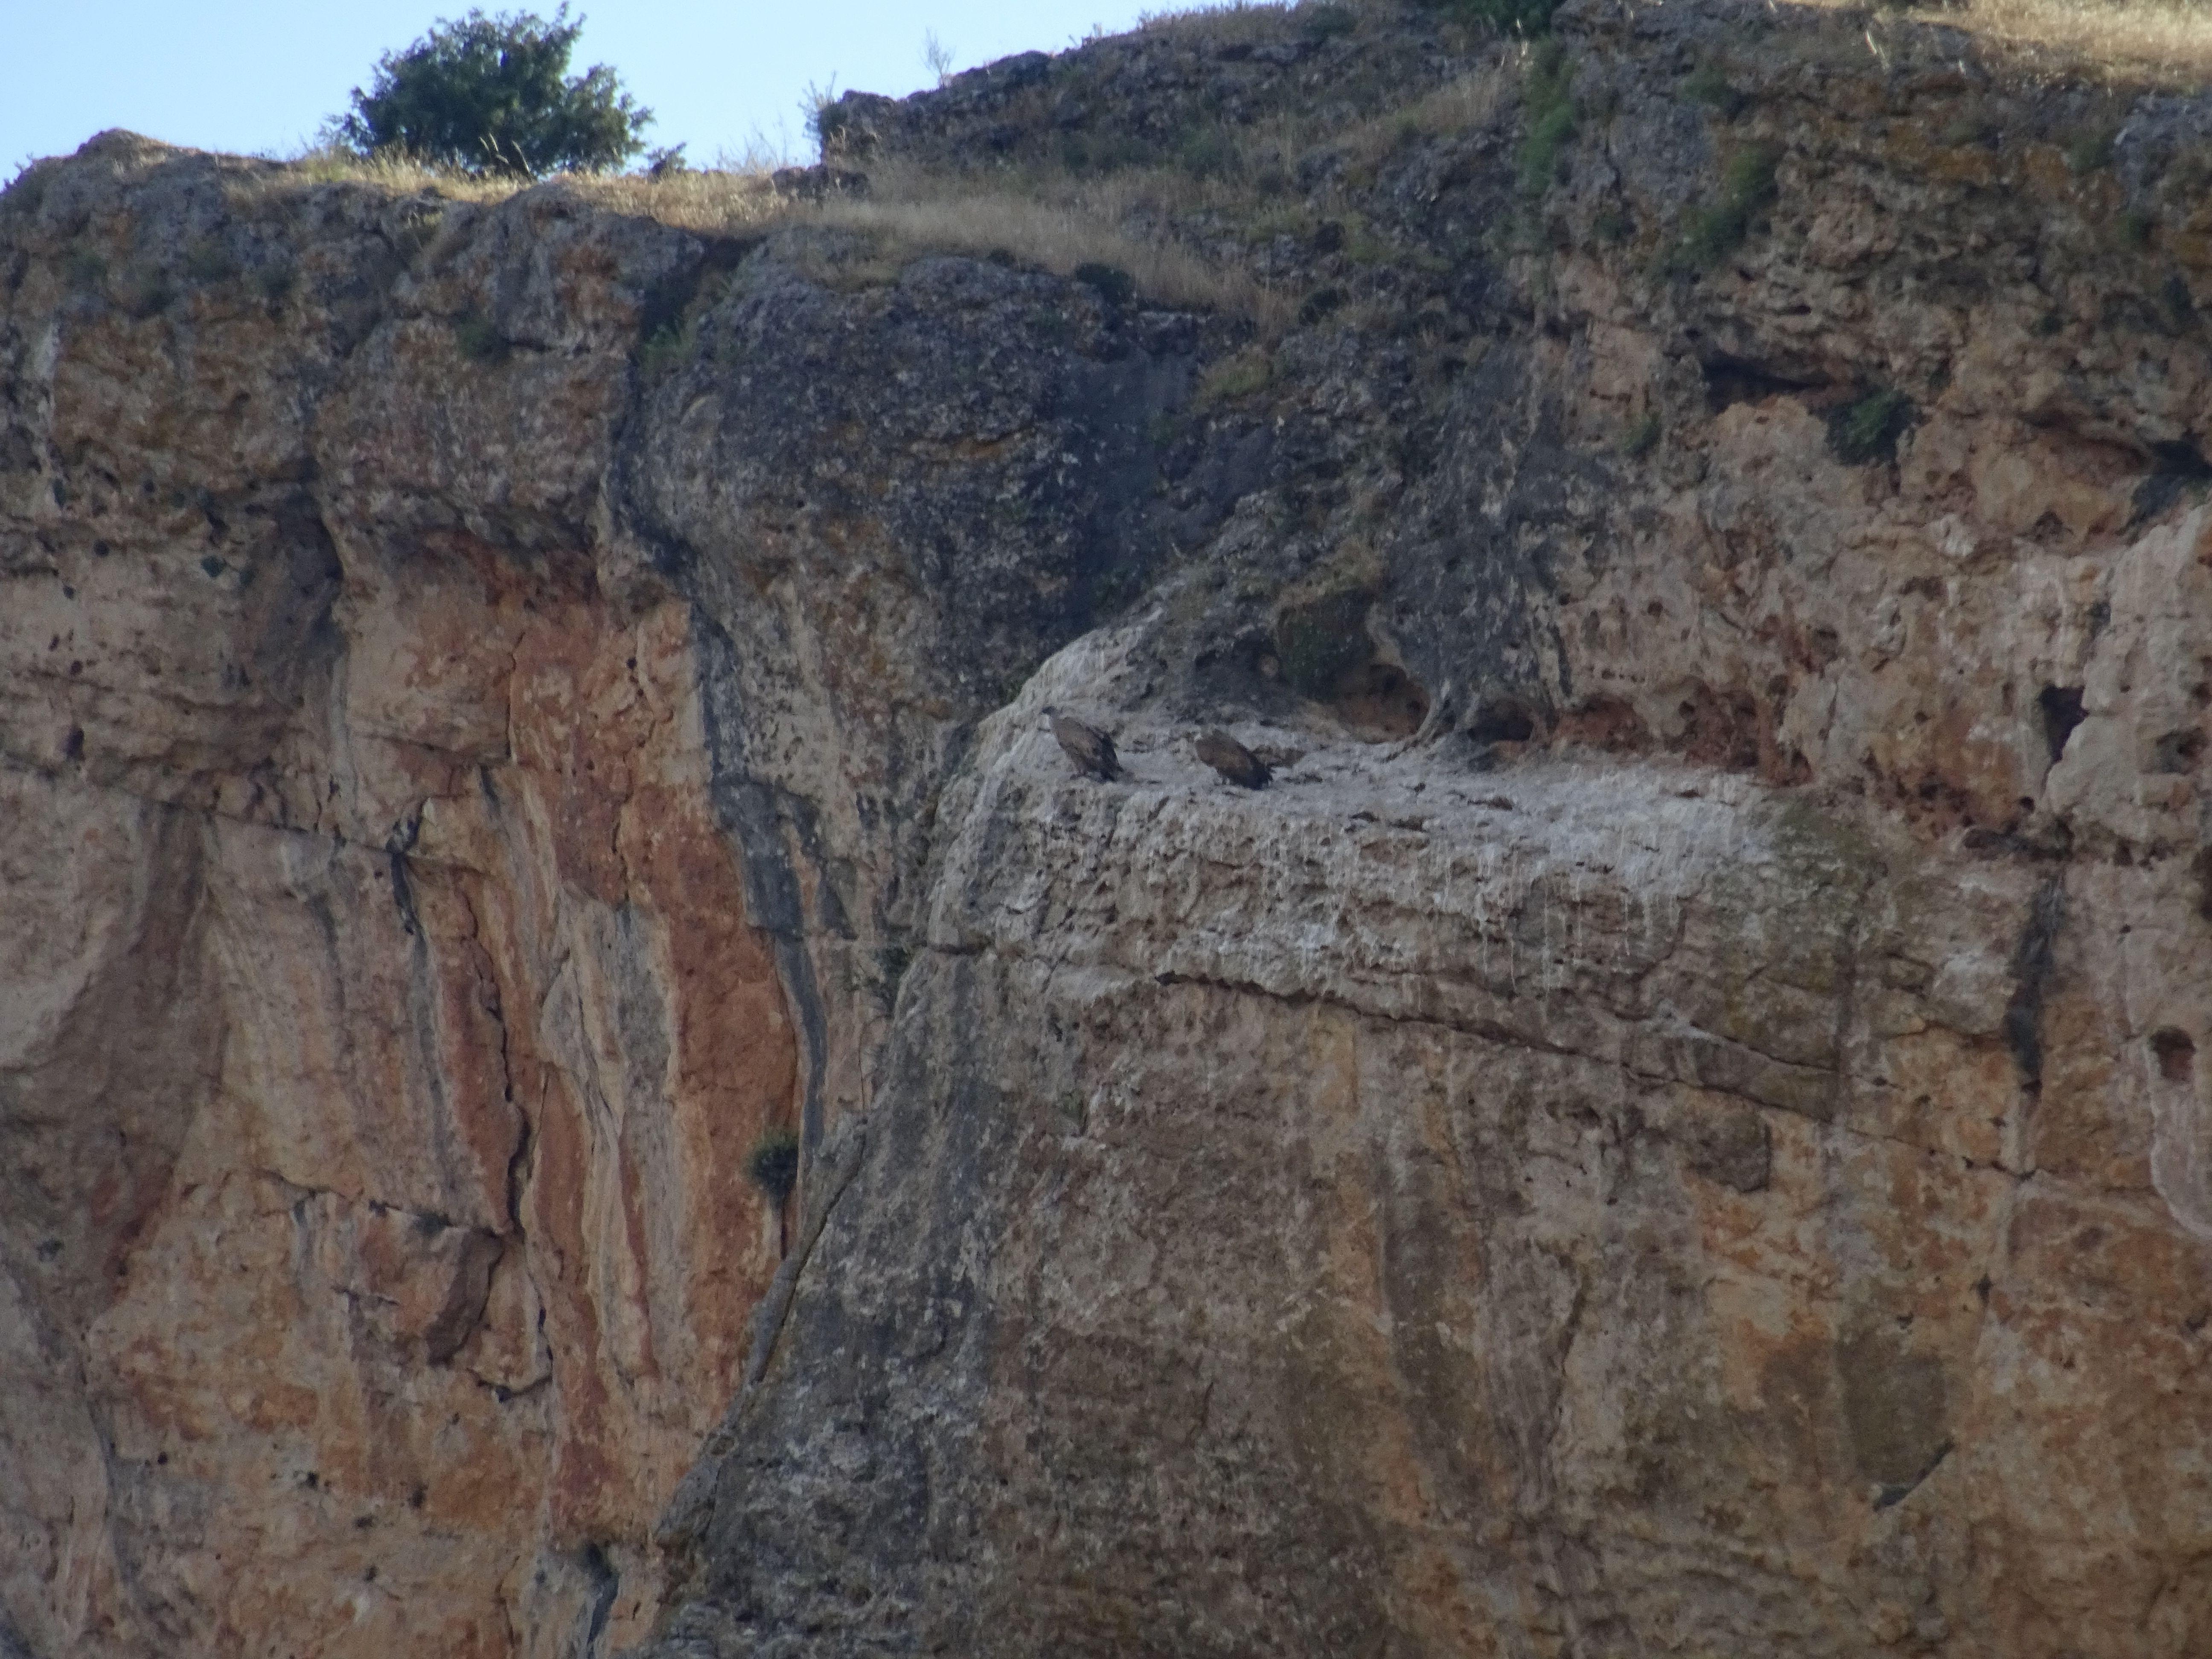 Dos buitres leonados con su plumaje gris oscuro están sentados en una cornisa de la pared de caliza, detrás suyo vemos todas las mini cuievas formadas por procesos kársticos